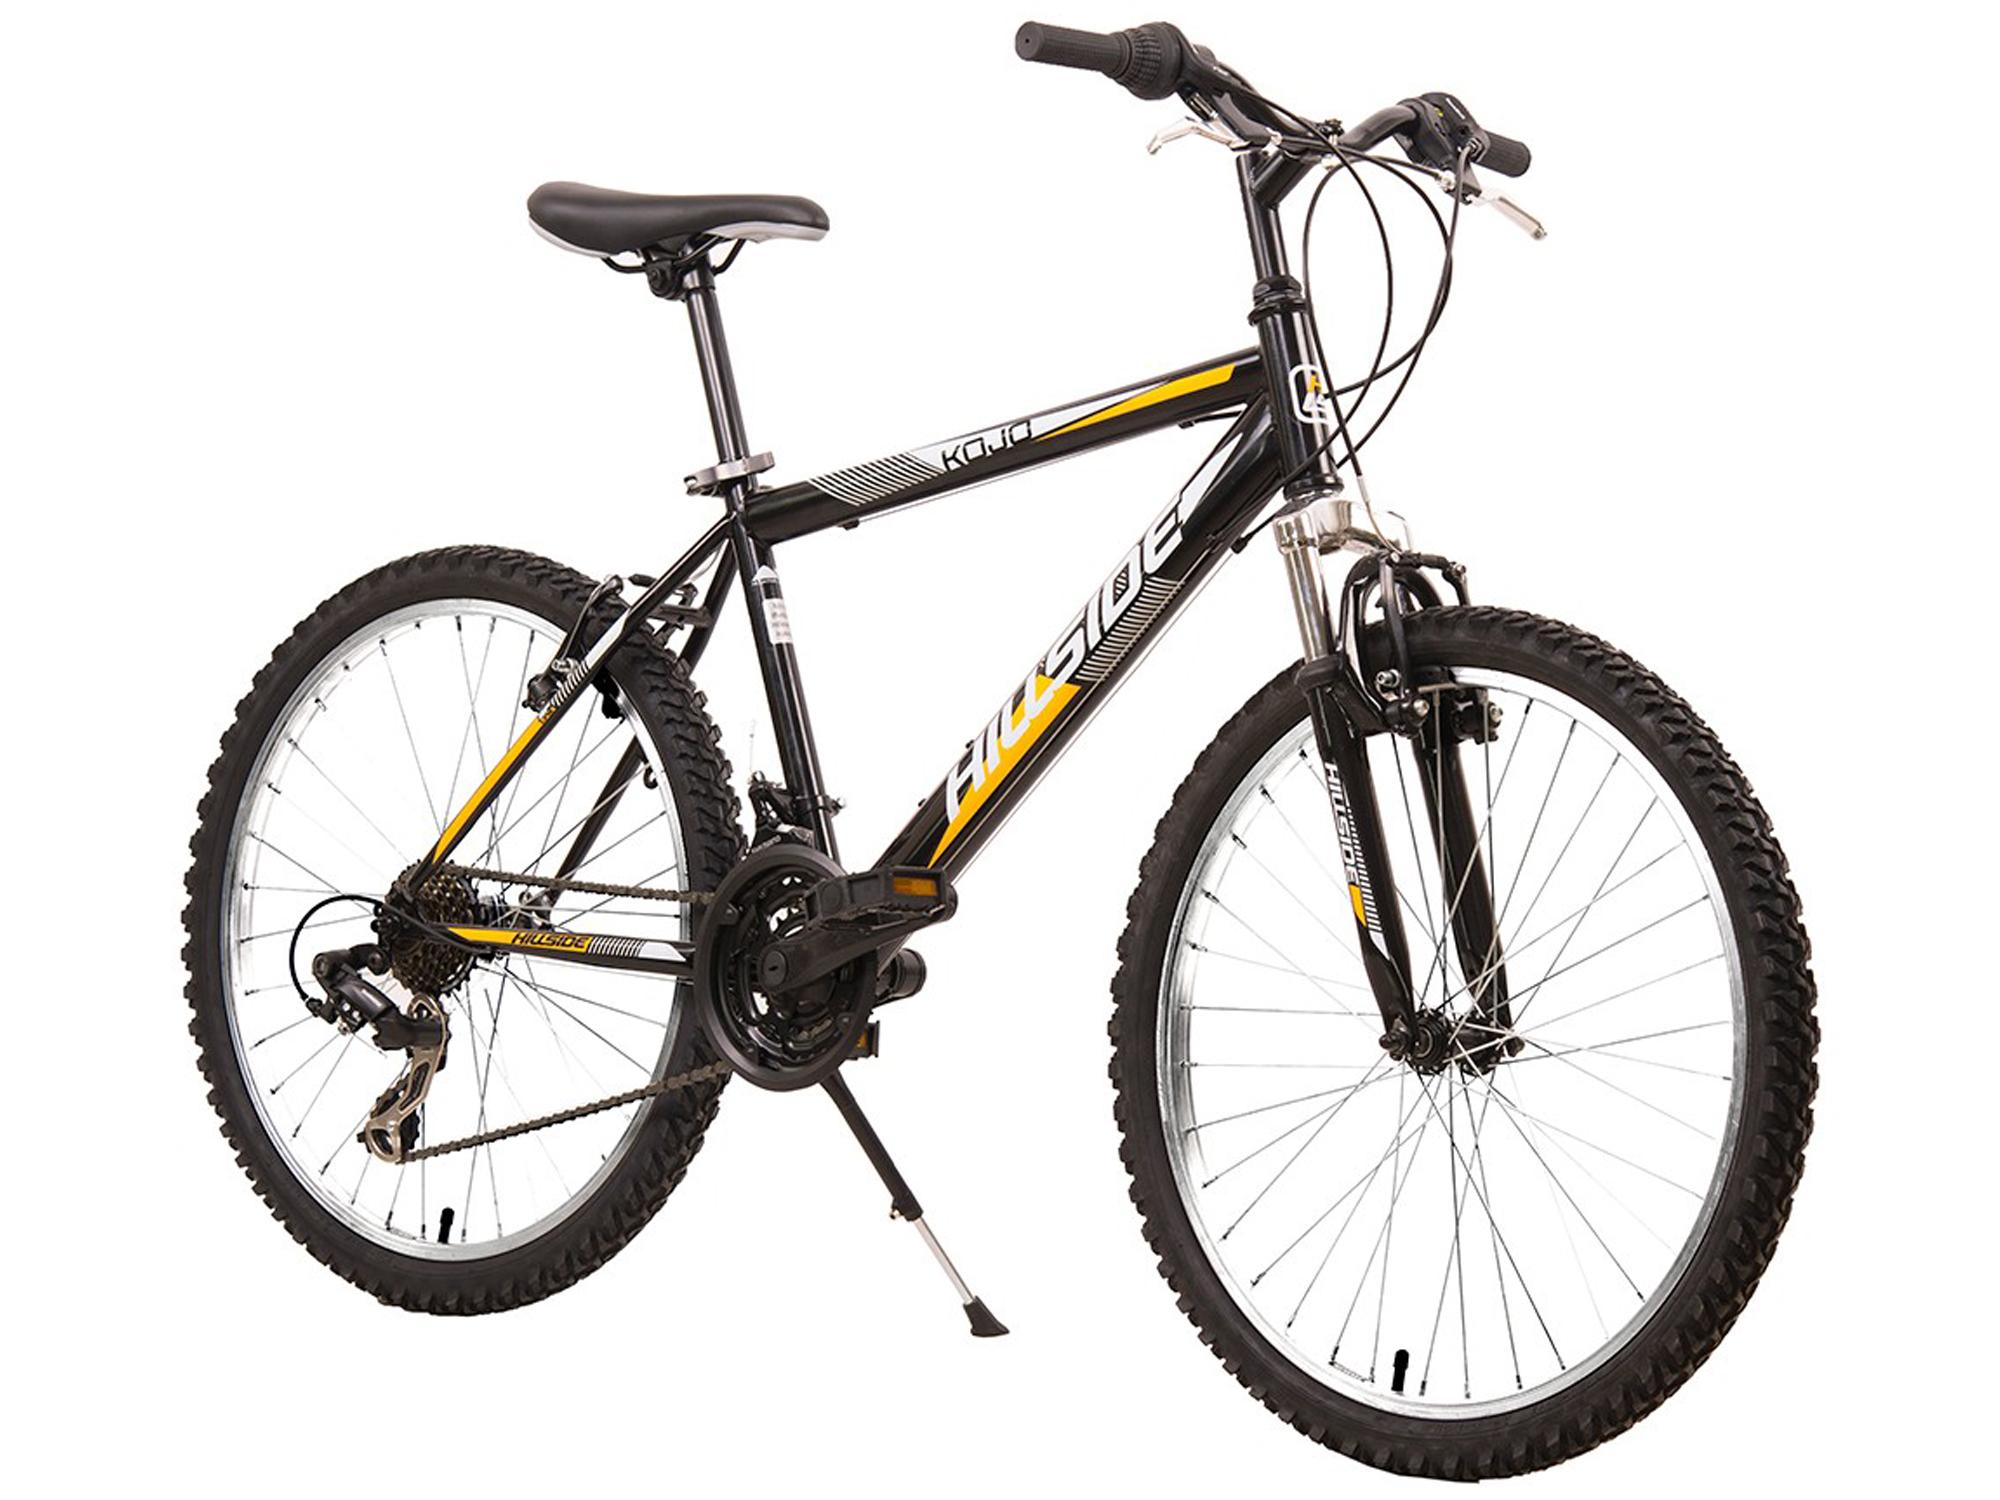 kinderfahrrad 24 zoll mountainbike jugendfahrrad fahrrad. Black Bedroom Furniture Sets. Home Design Ideas